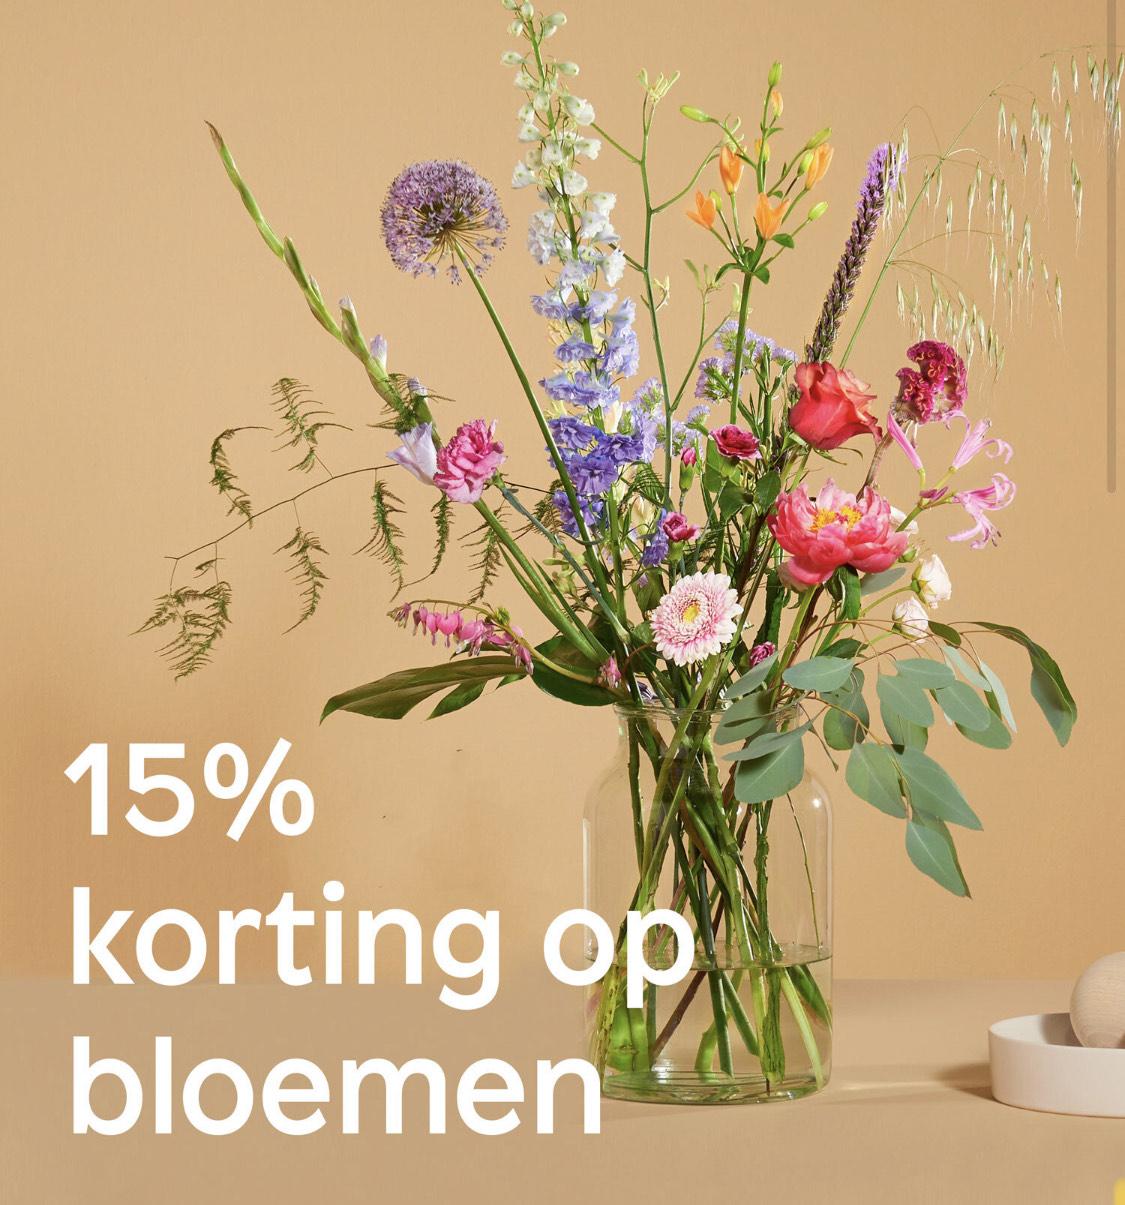 15% korting in de floral shop van Bloomon